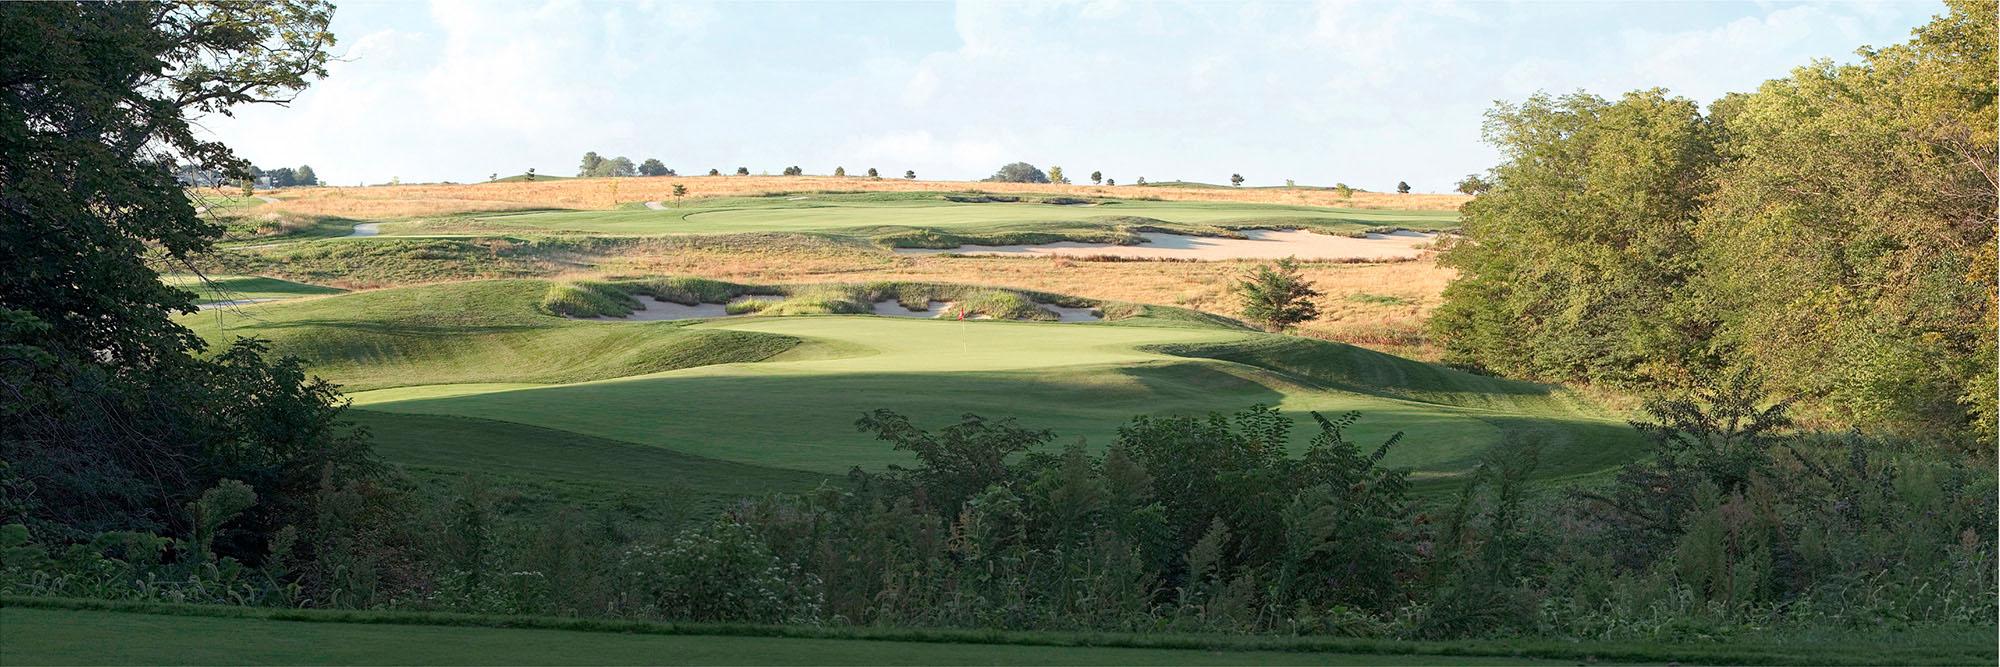 Golf Course Image - Arbor Links No. 11